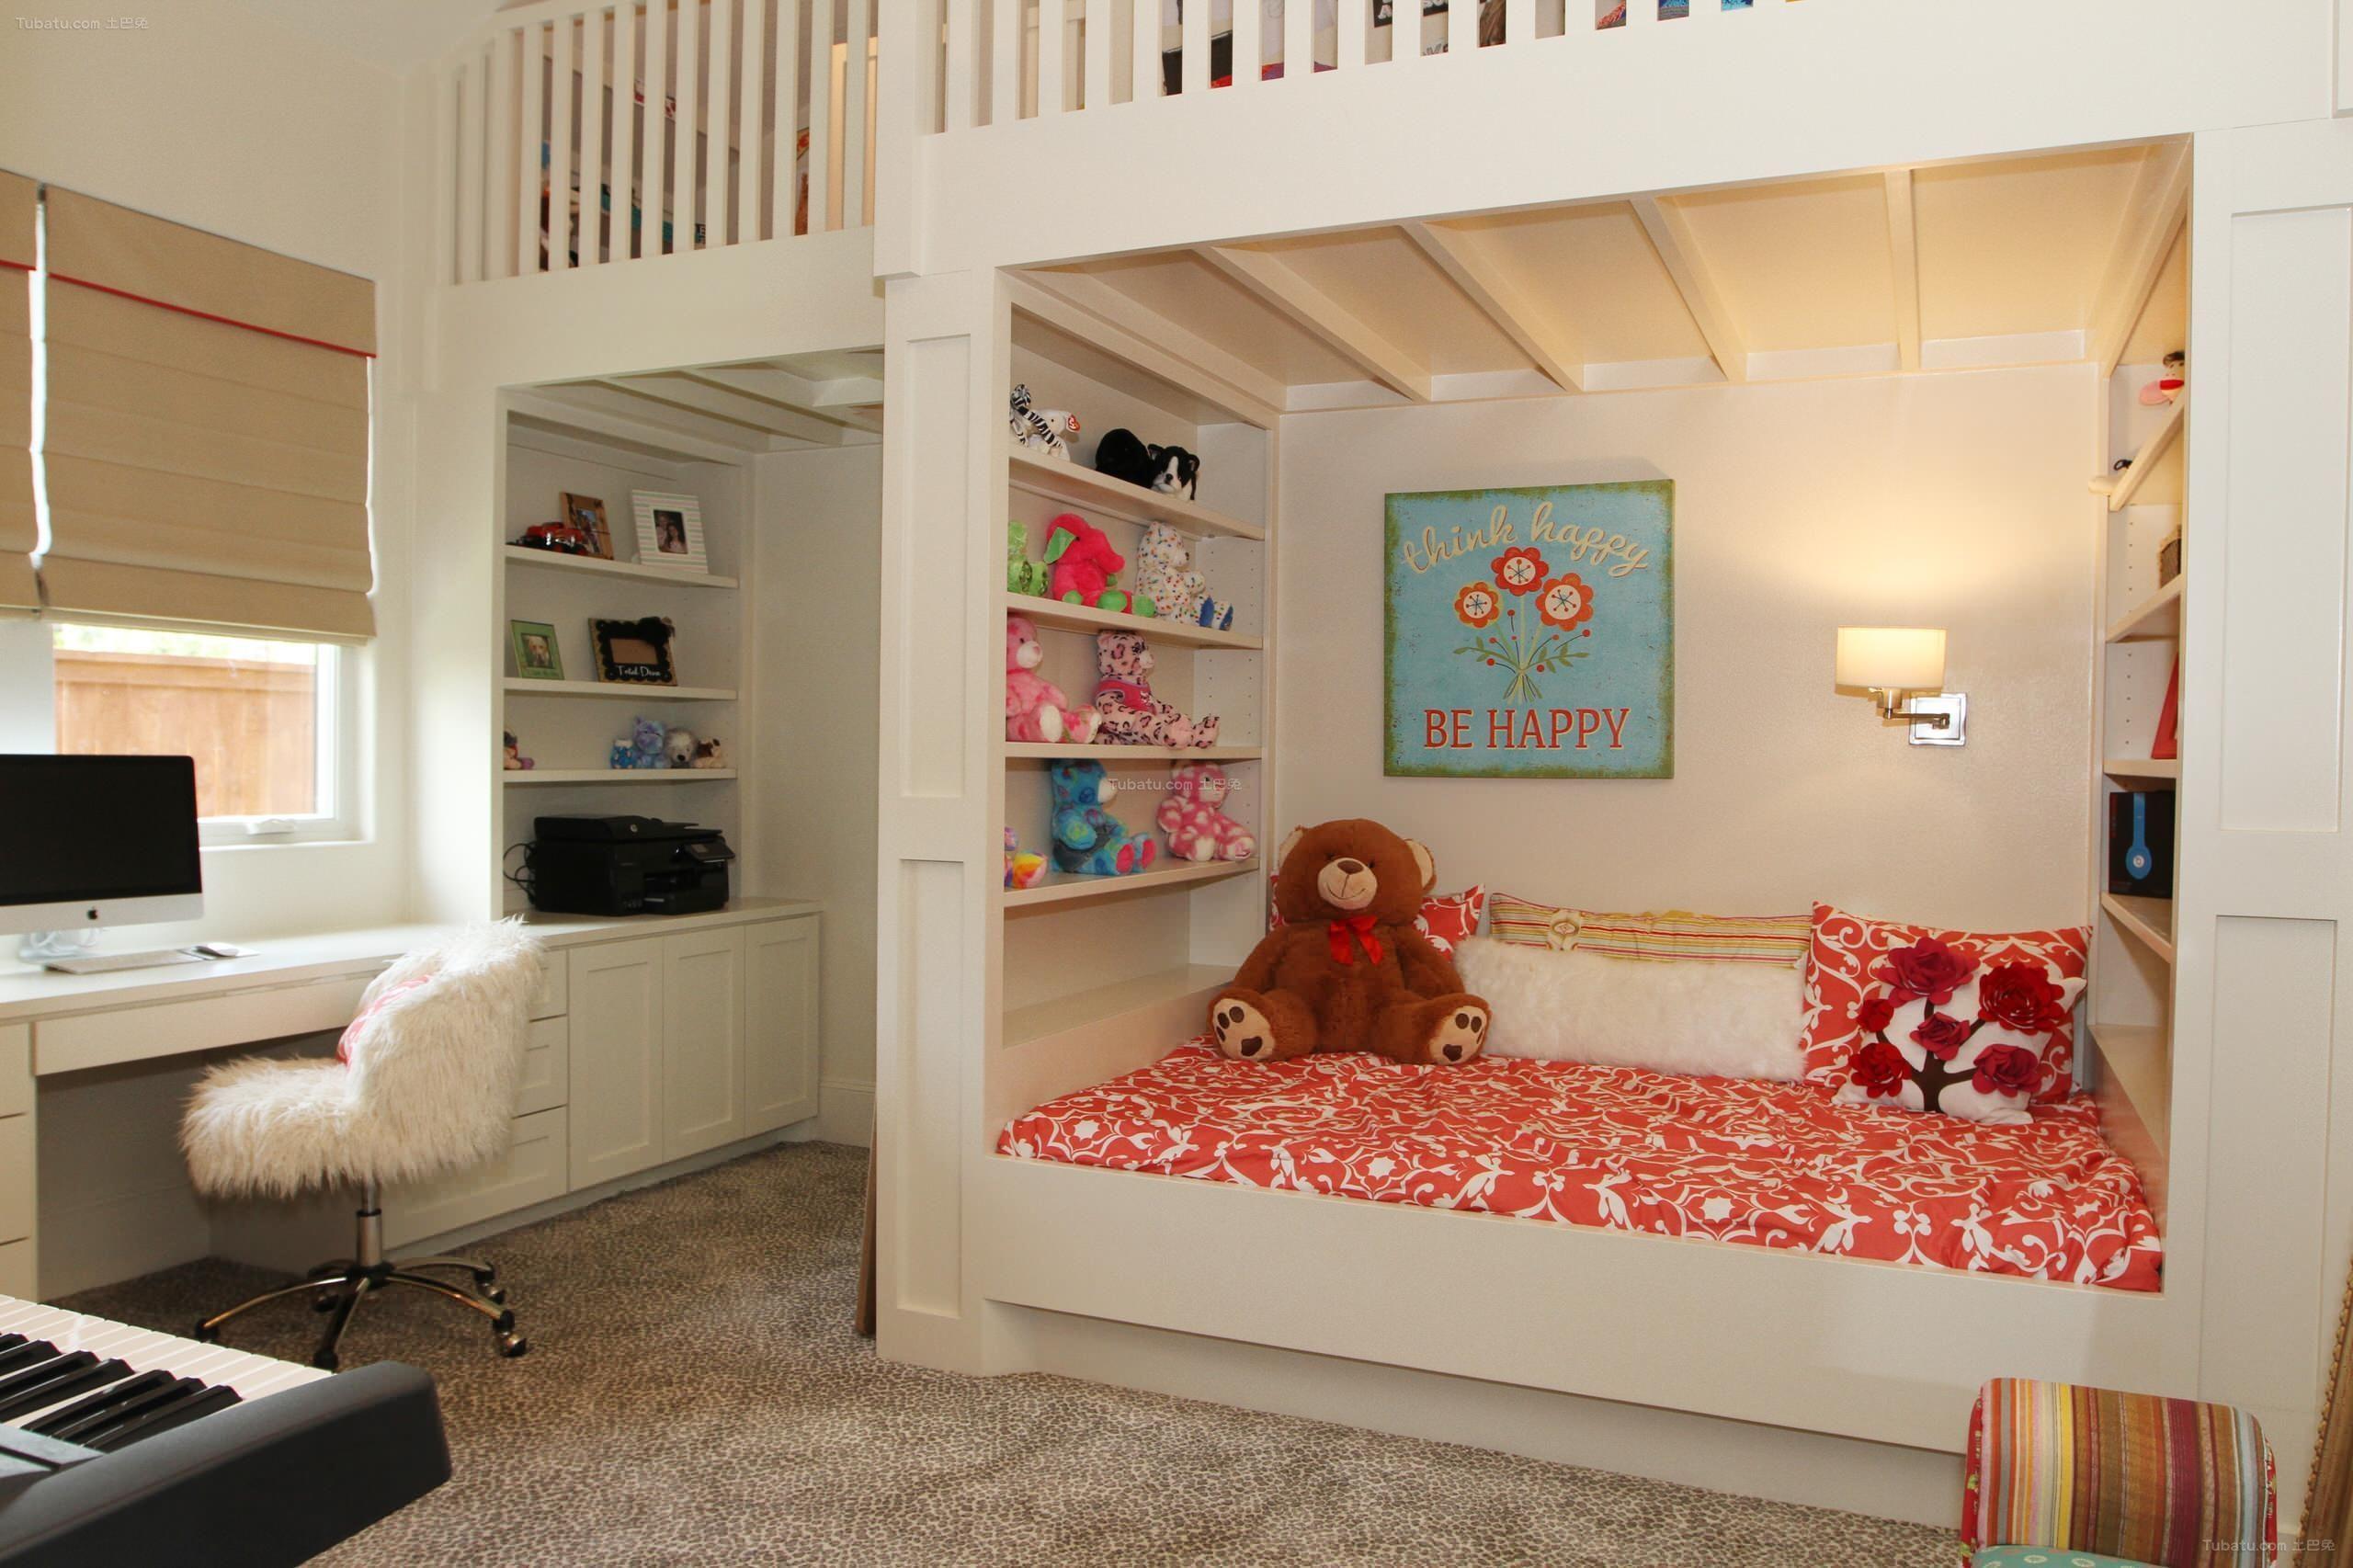 产品目录 服务 设计服务 装修设计和装潢设计 > 怎样装修儿童房才环保图片